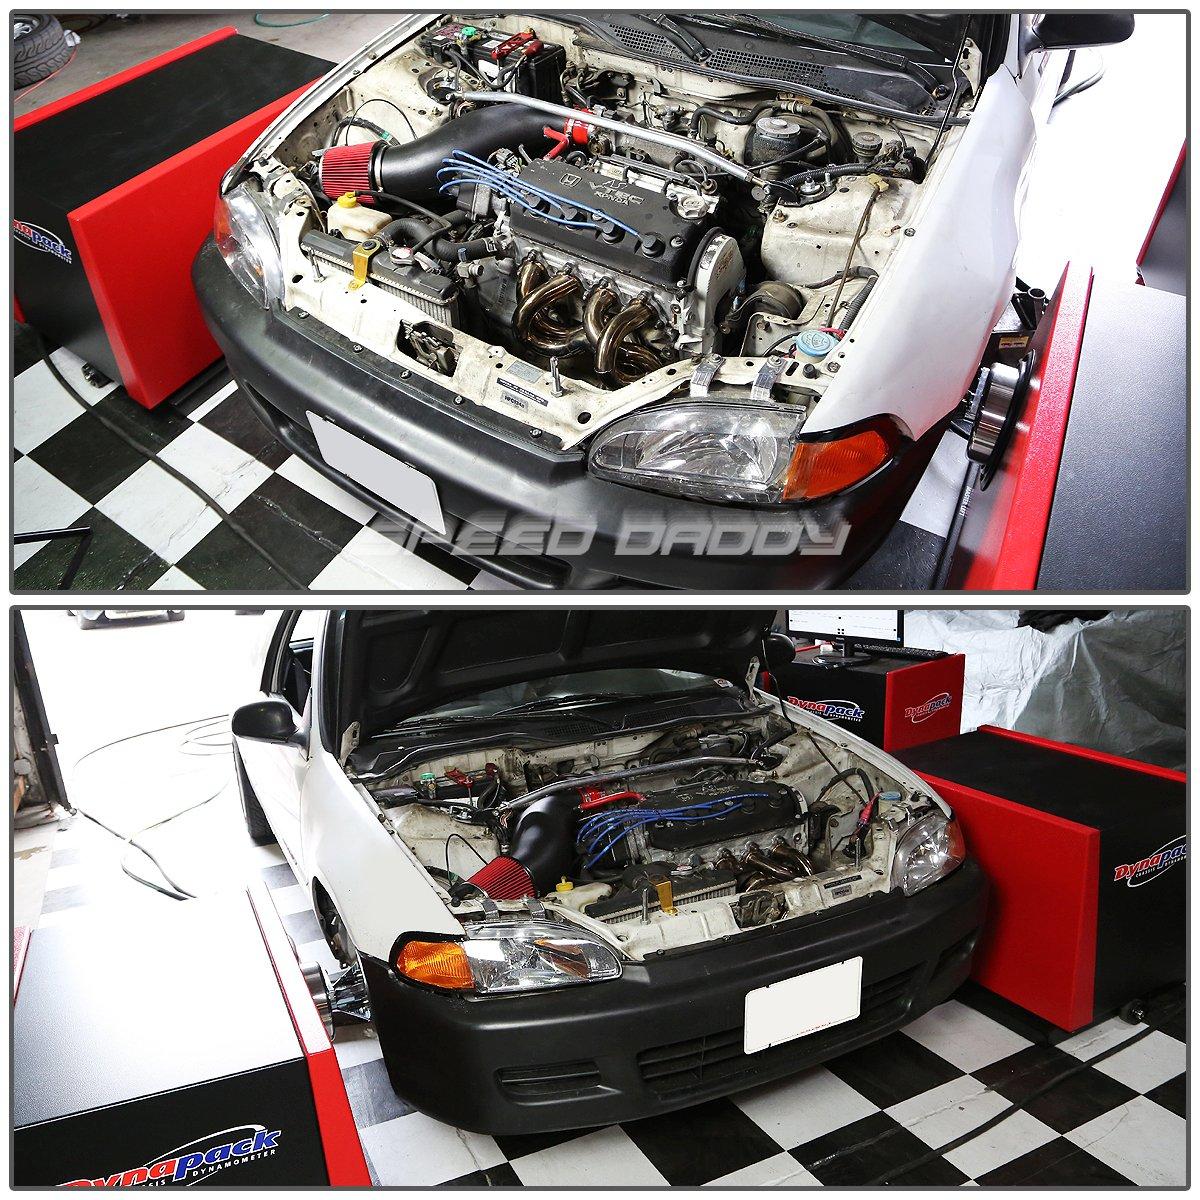 Honda Civic Ej EG EK arrastre acero inoxidable encabezado colector de escape + tubo de prueba de alto rendimiento: Amazon.es: Coche y moto